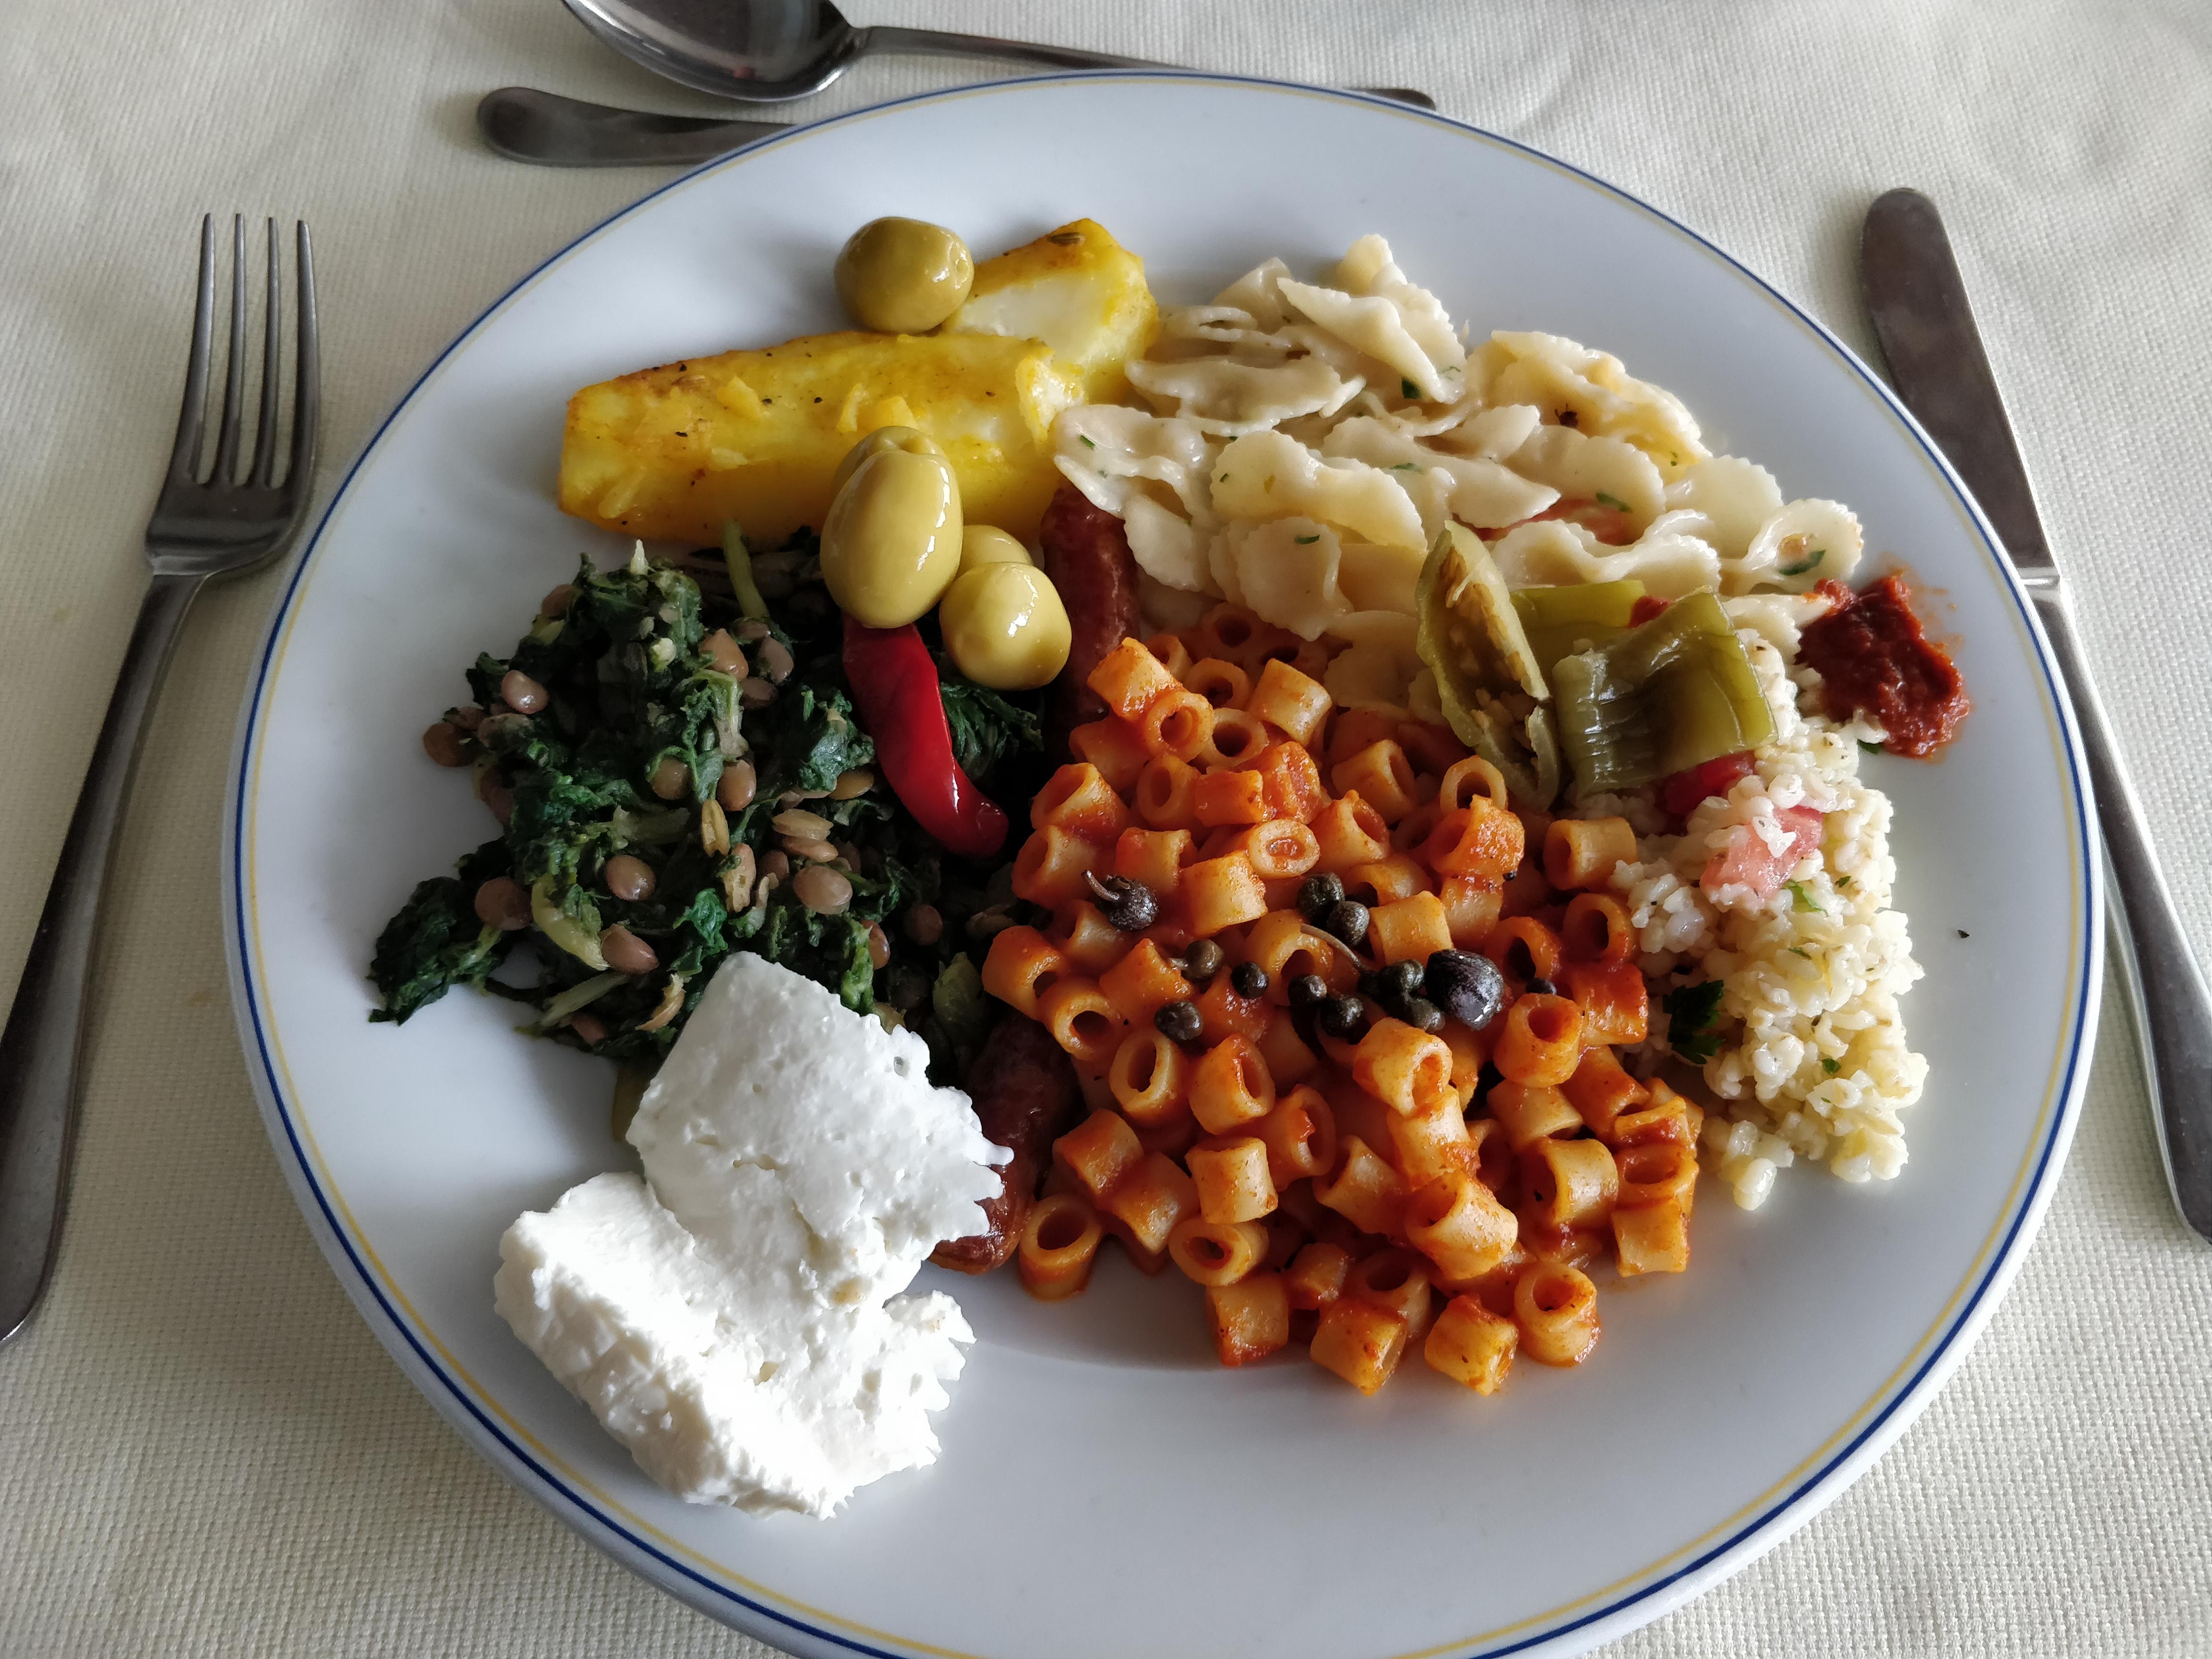 http://foodloader.net/nico_2018-10-29_royal-el-mansour-1.jpg